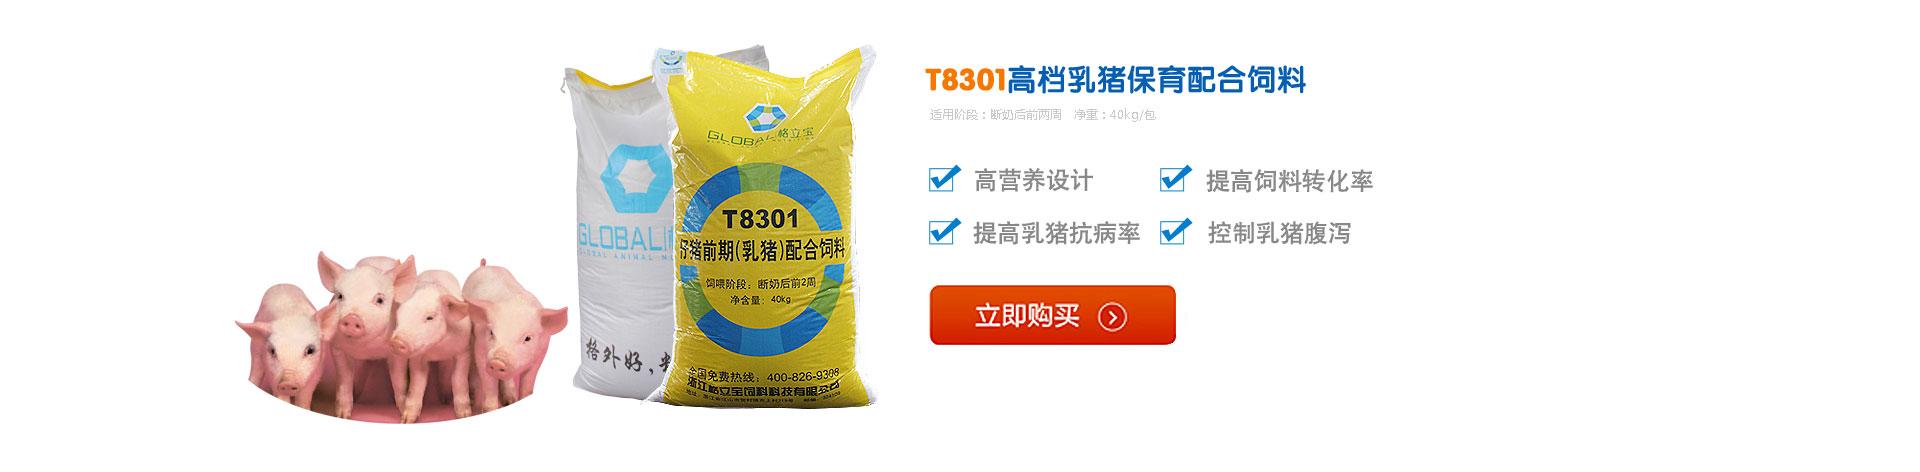 格立宝T8301高档乳猪保育配合万博manxbet官网